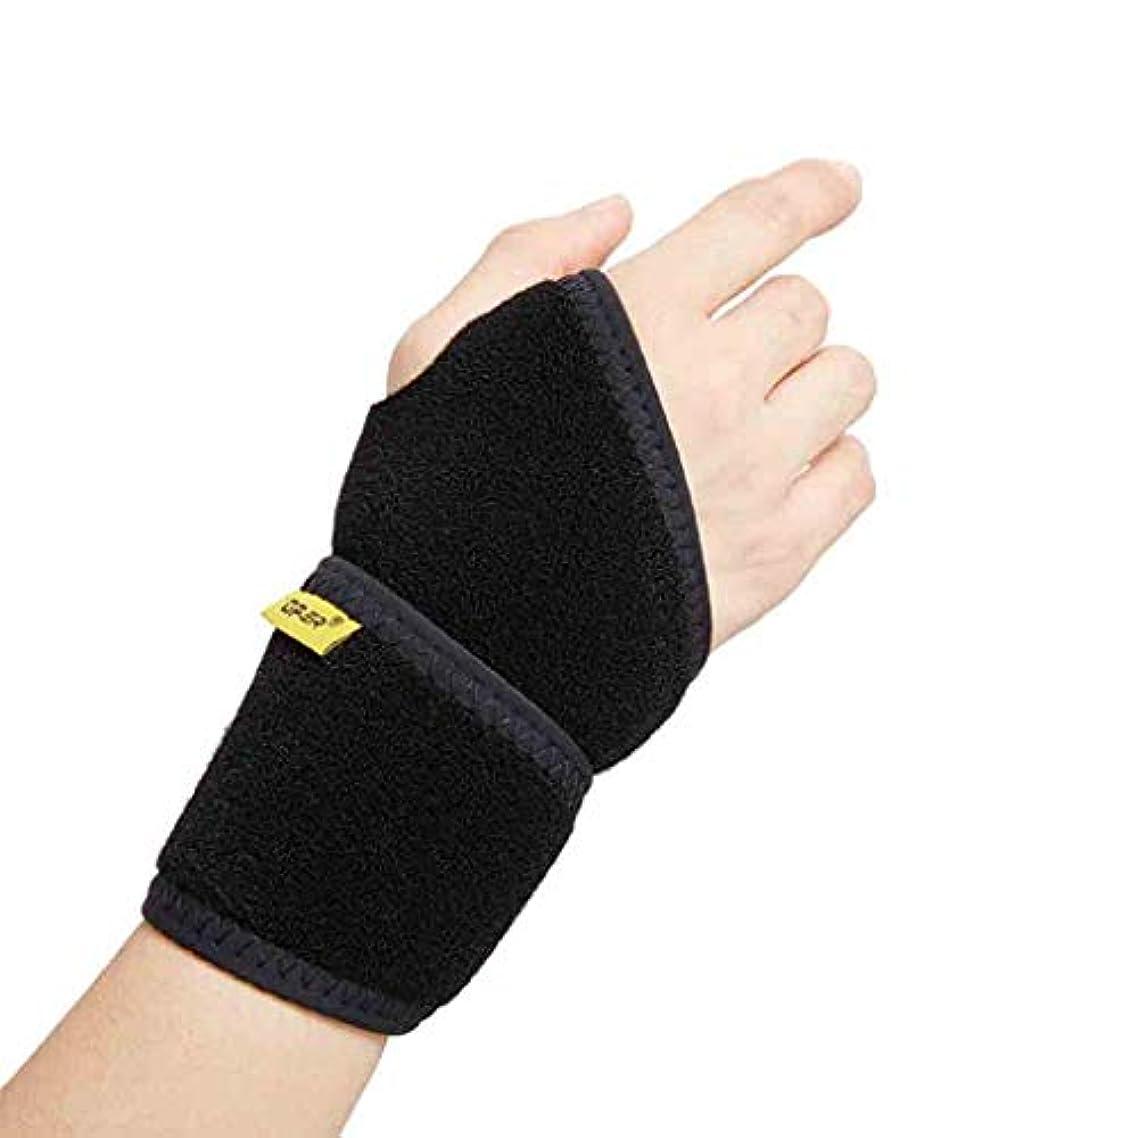 収束する五見落とす関節炎のためのThumbのスプリントは右手の手首サポート左手手根サポートを手根管トンネルの痛みを軽減するための男性と女性をトリガー Roscloud@